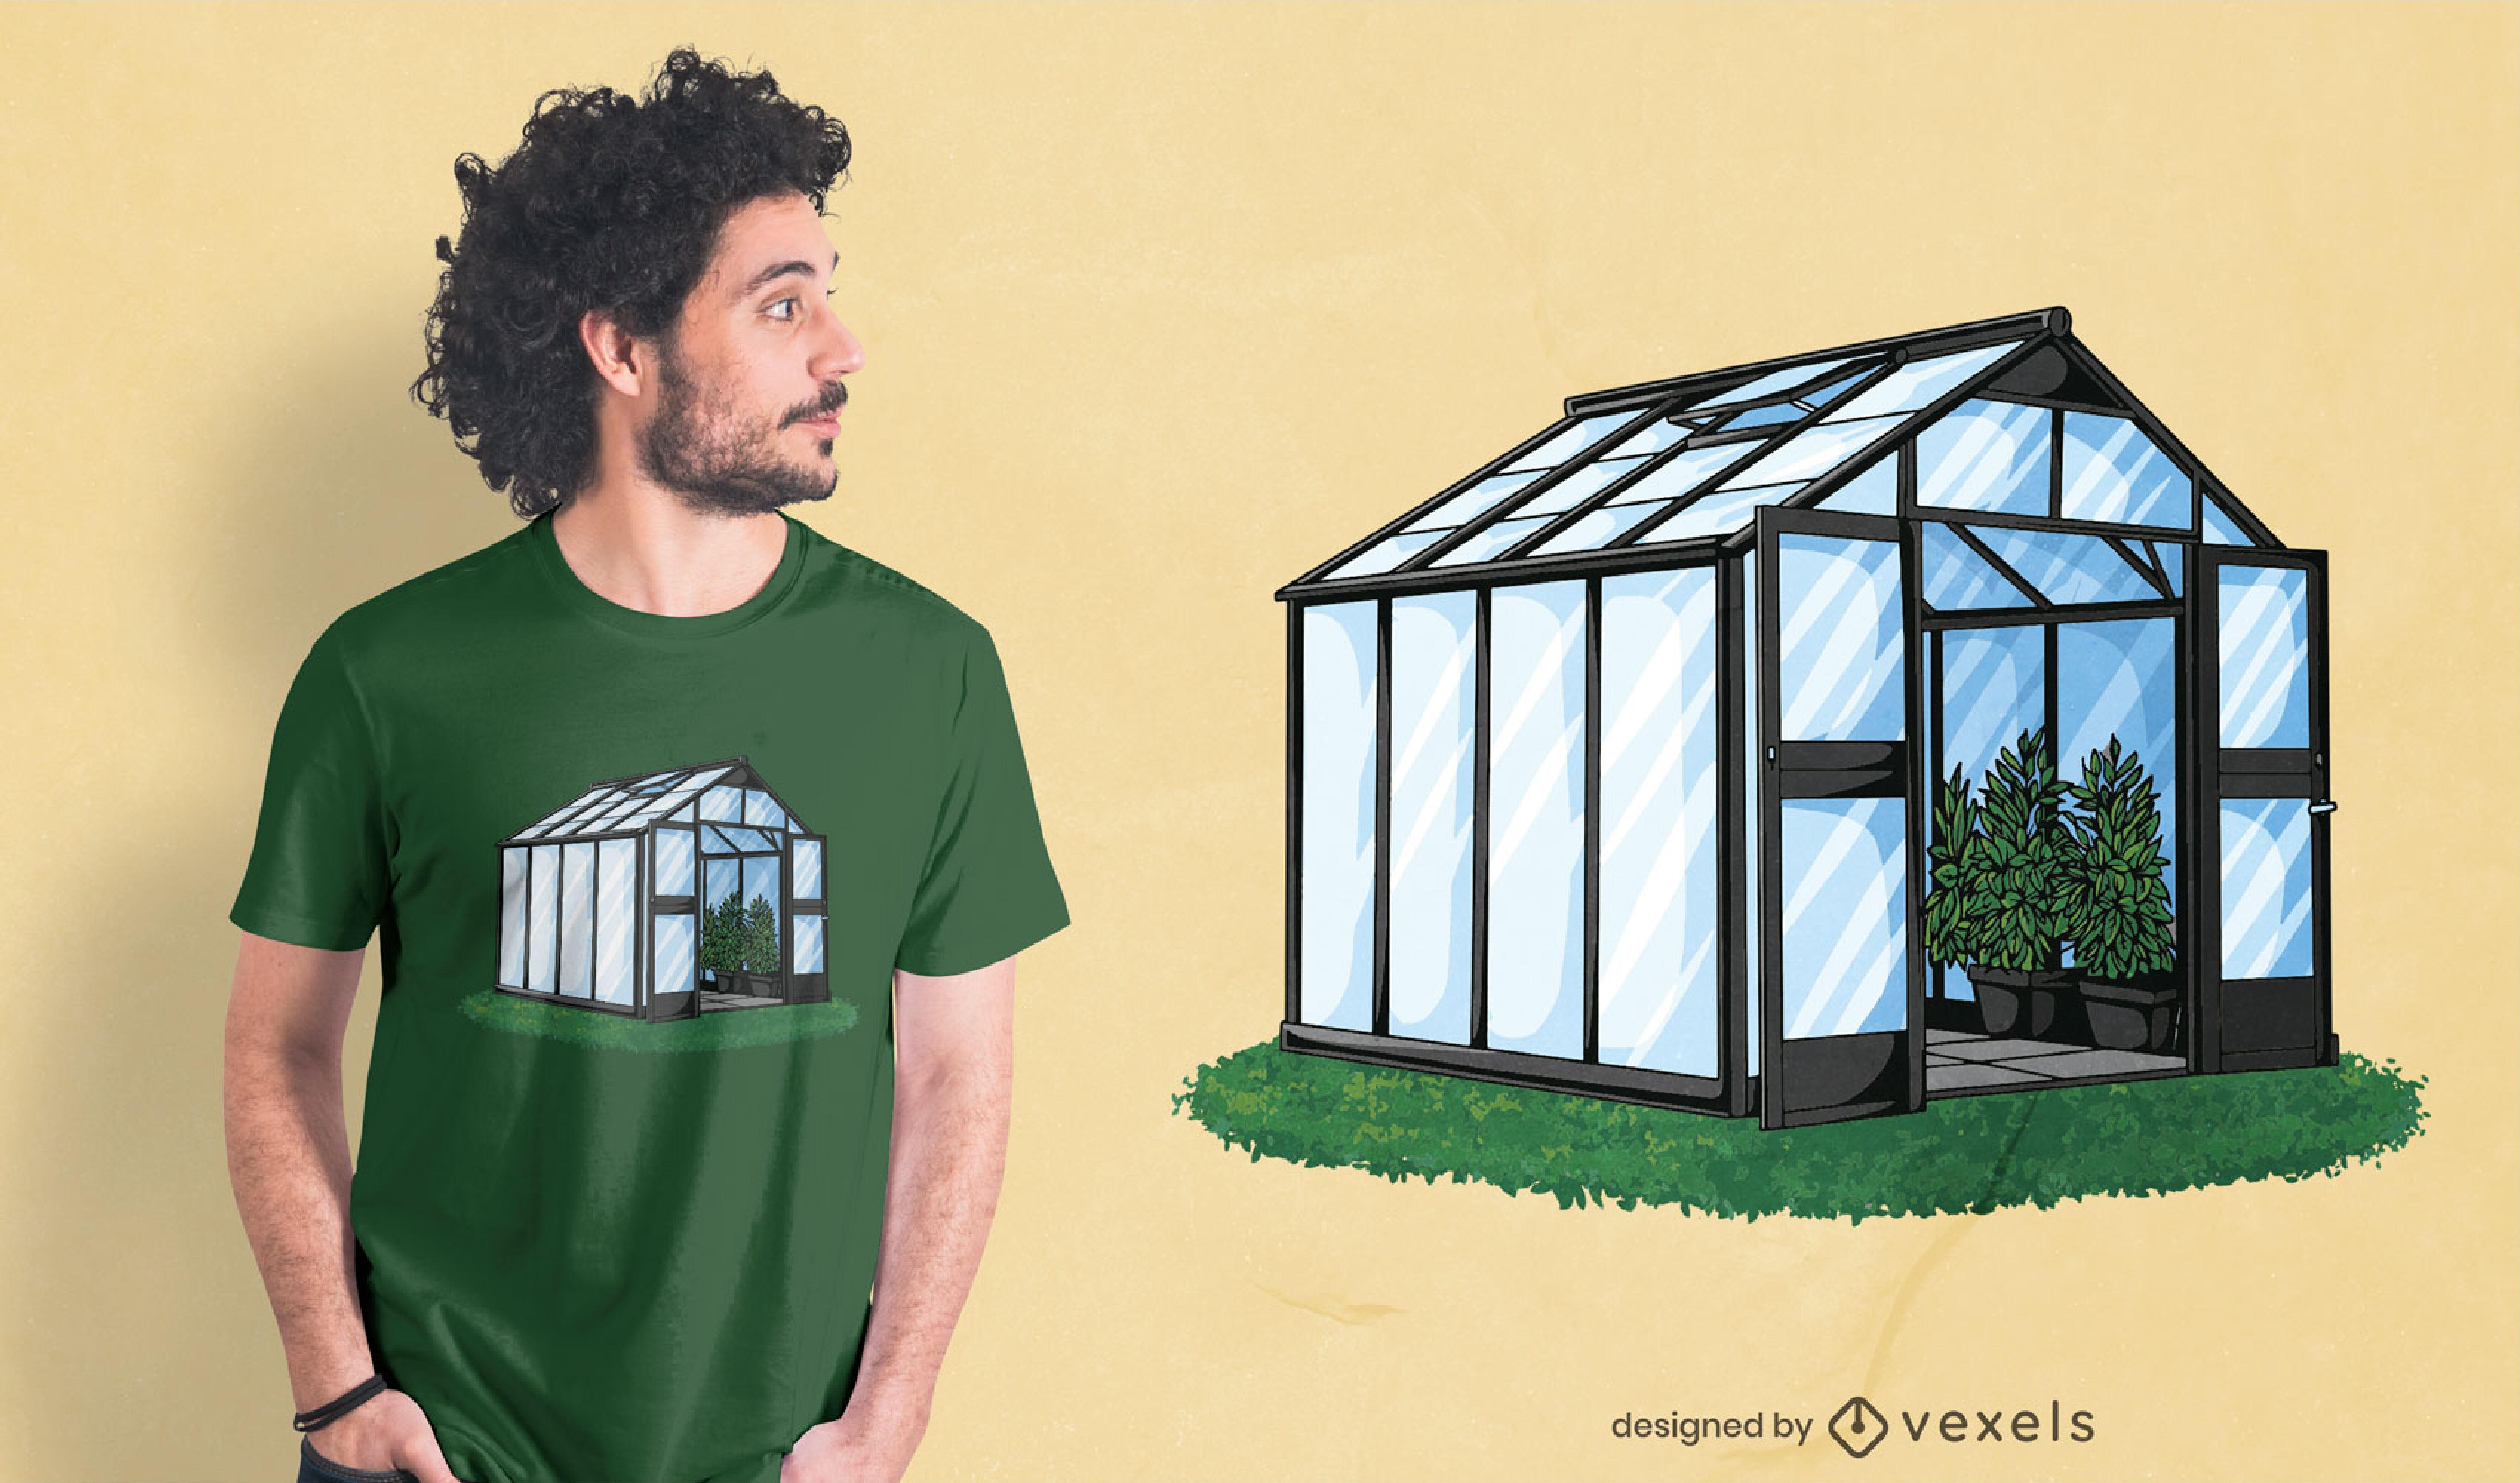 Dise?o de camiseta de naturaleza de edificio de invernadero.